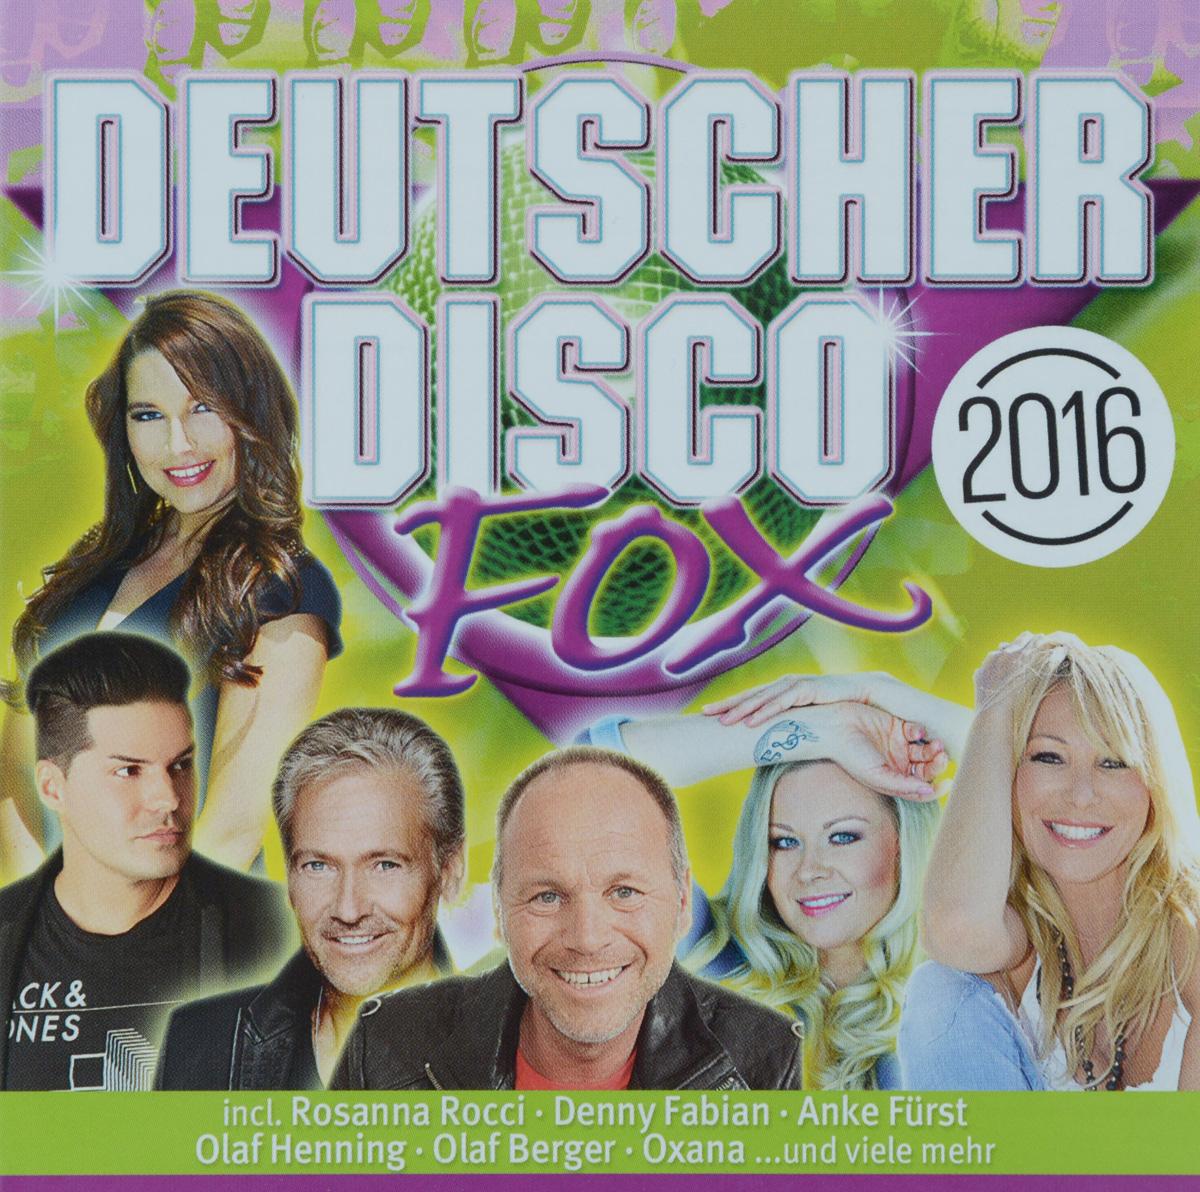 Сэнди Вагнер Deutscher Disco Fox 2016 (2 CD) norman langen undine lux denny fabian nico gemba jorg bausch annemarie eilfeld linda fah cordalis anni perka g g anderson deutscher disco fox 2017 2 cd